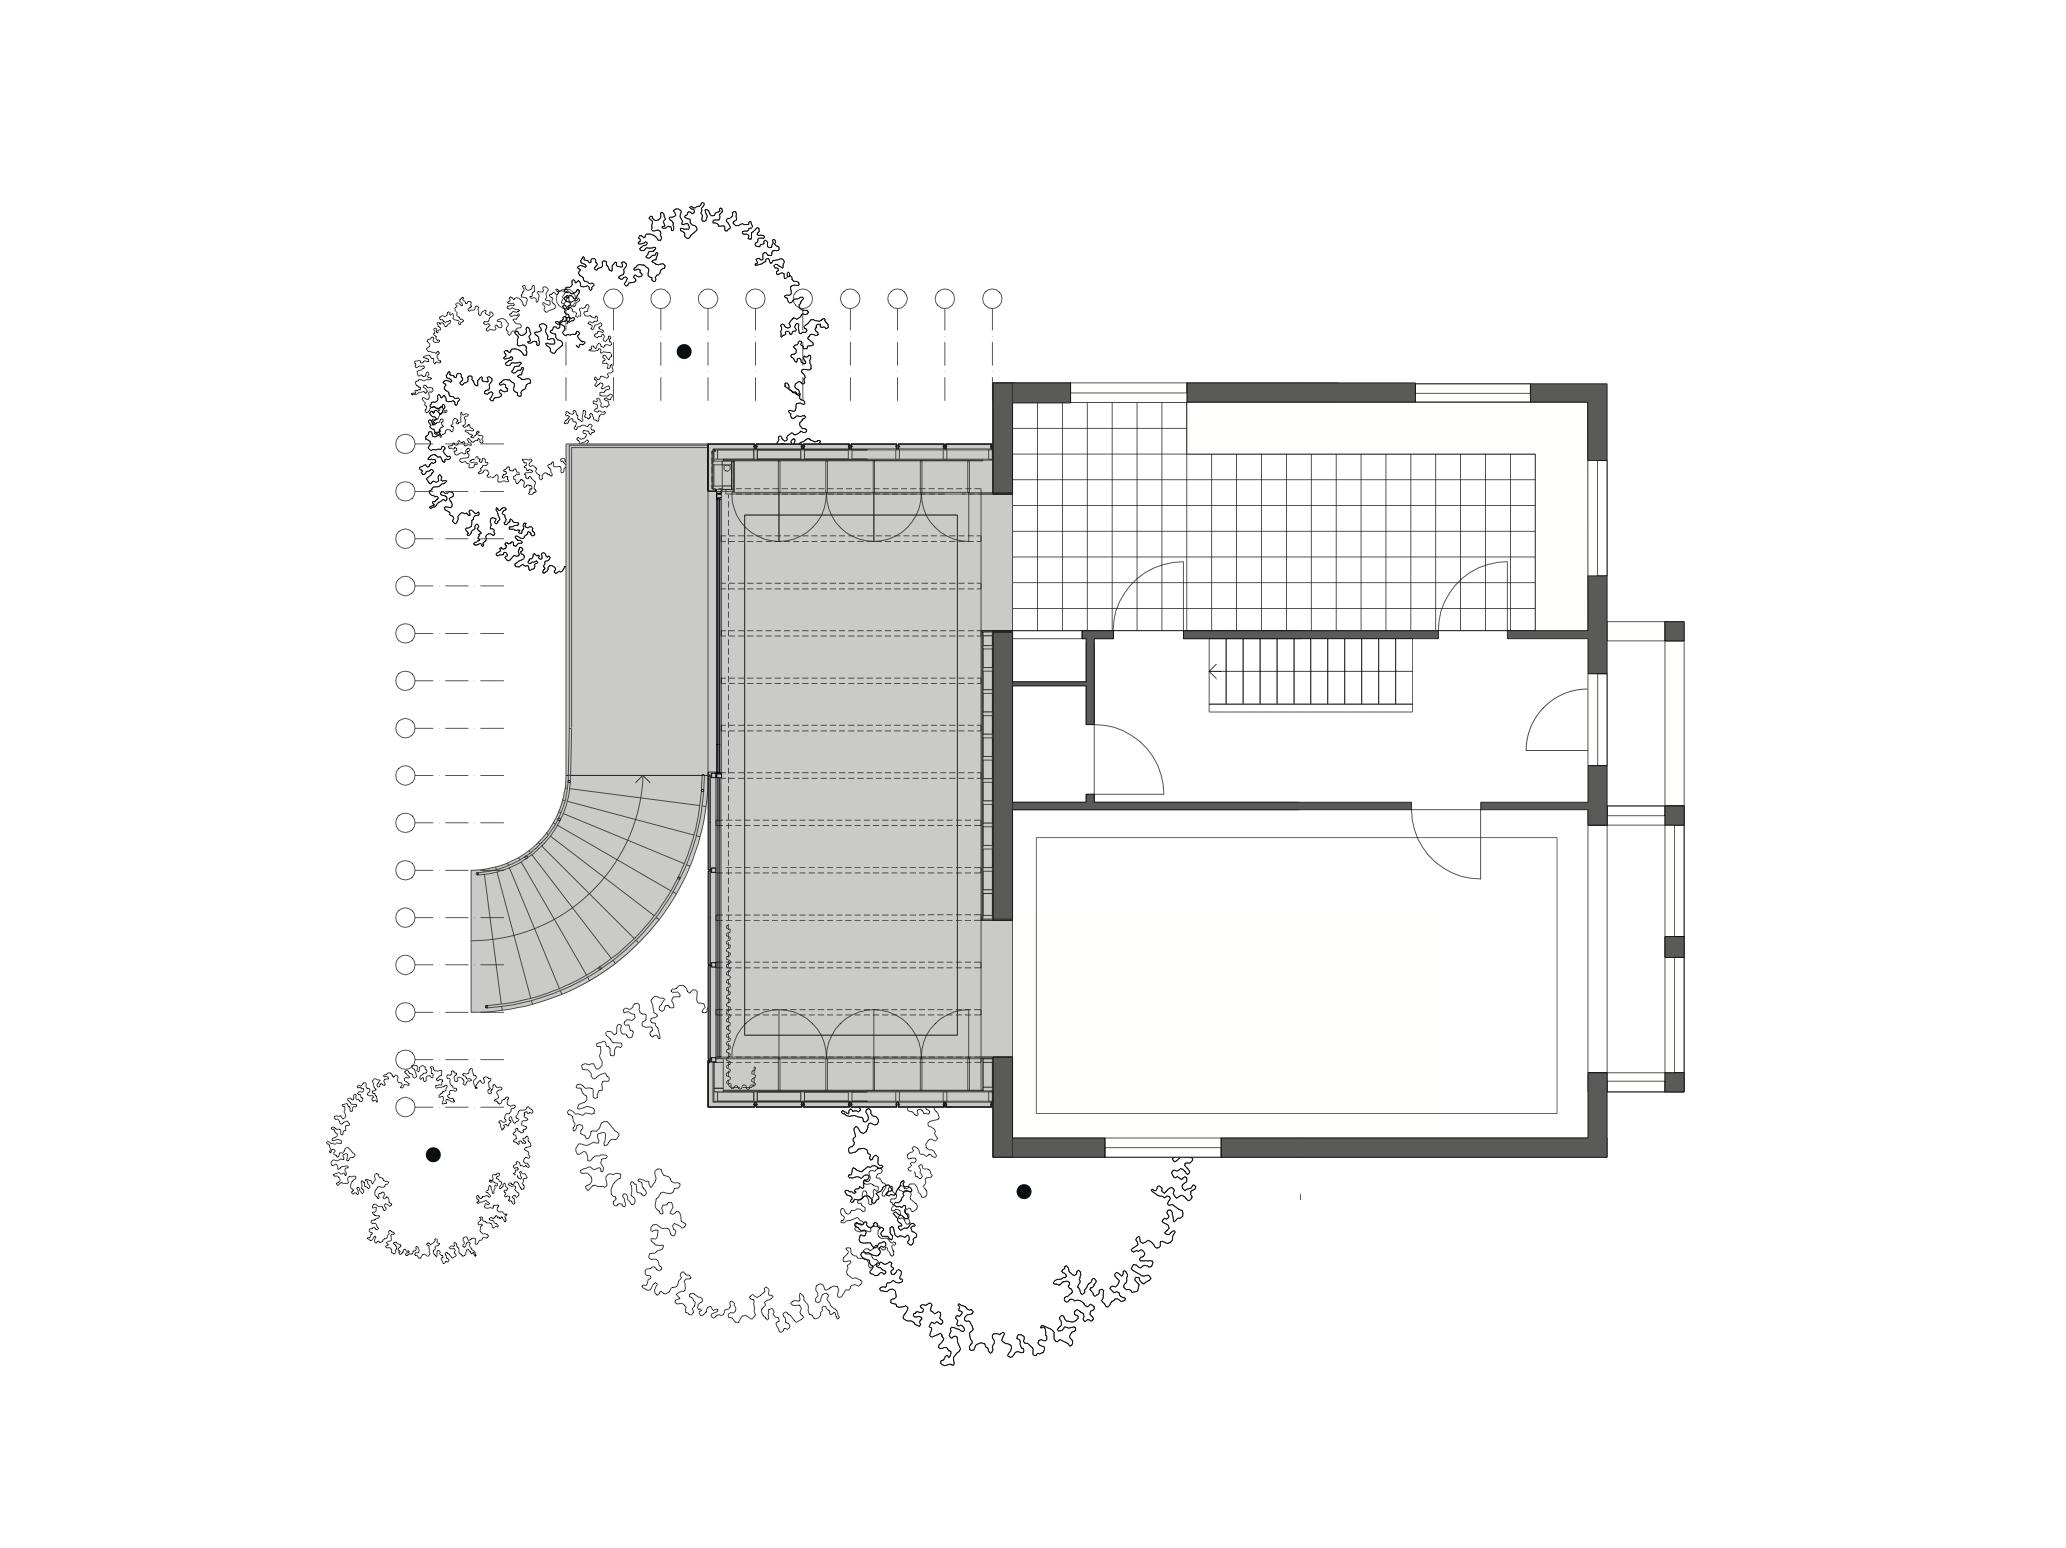 001_Plan_Ground floor.png